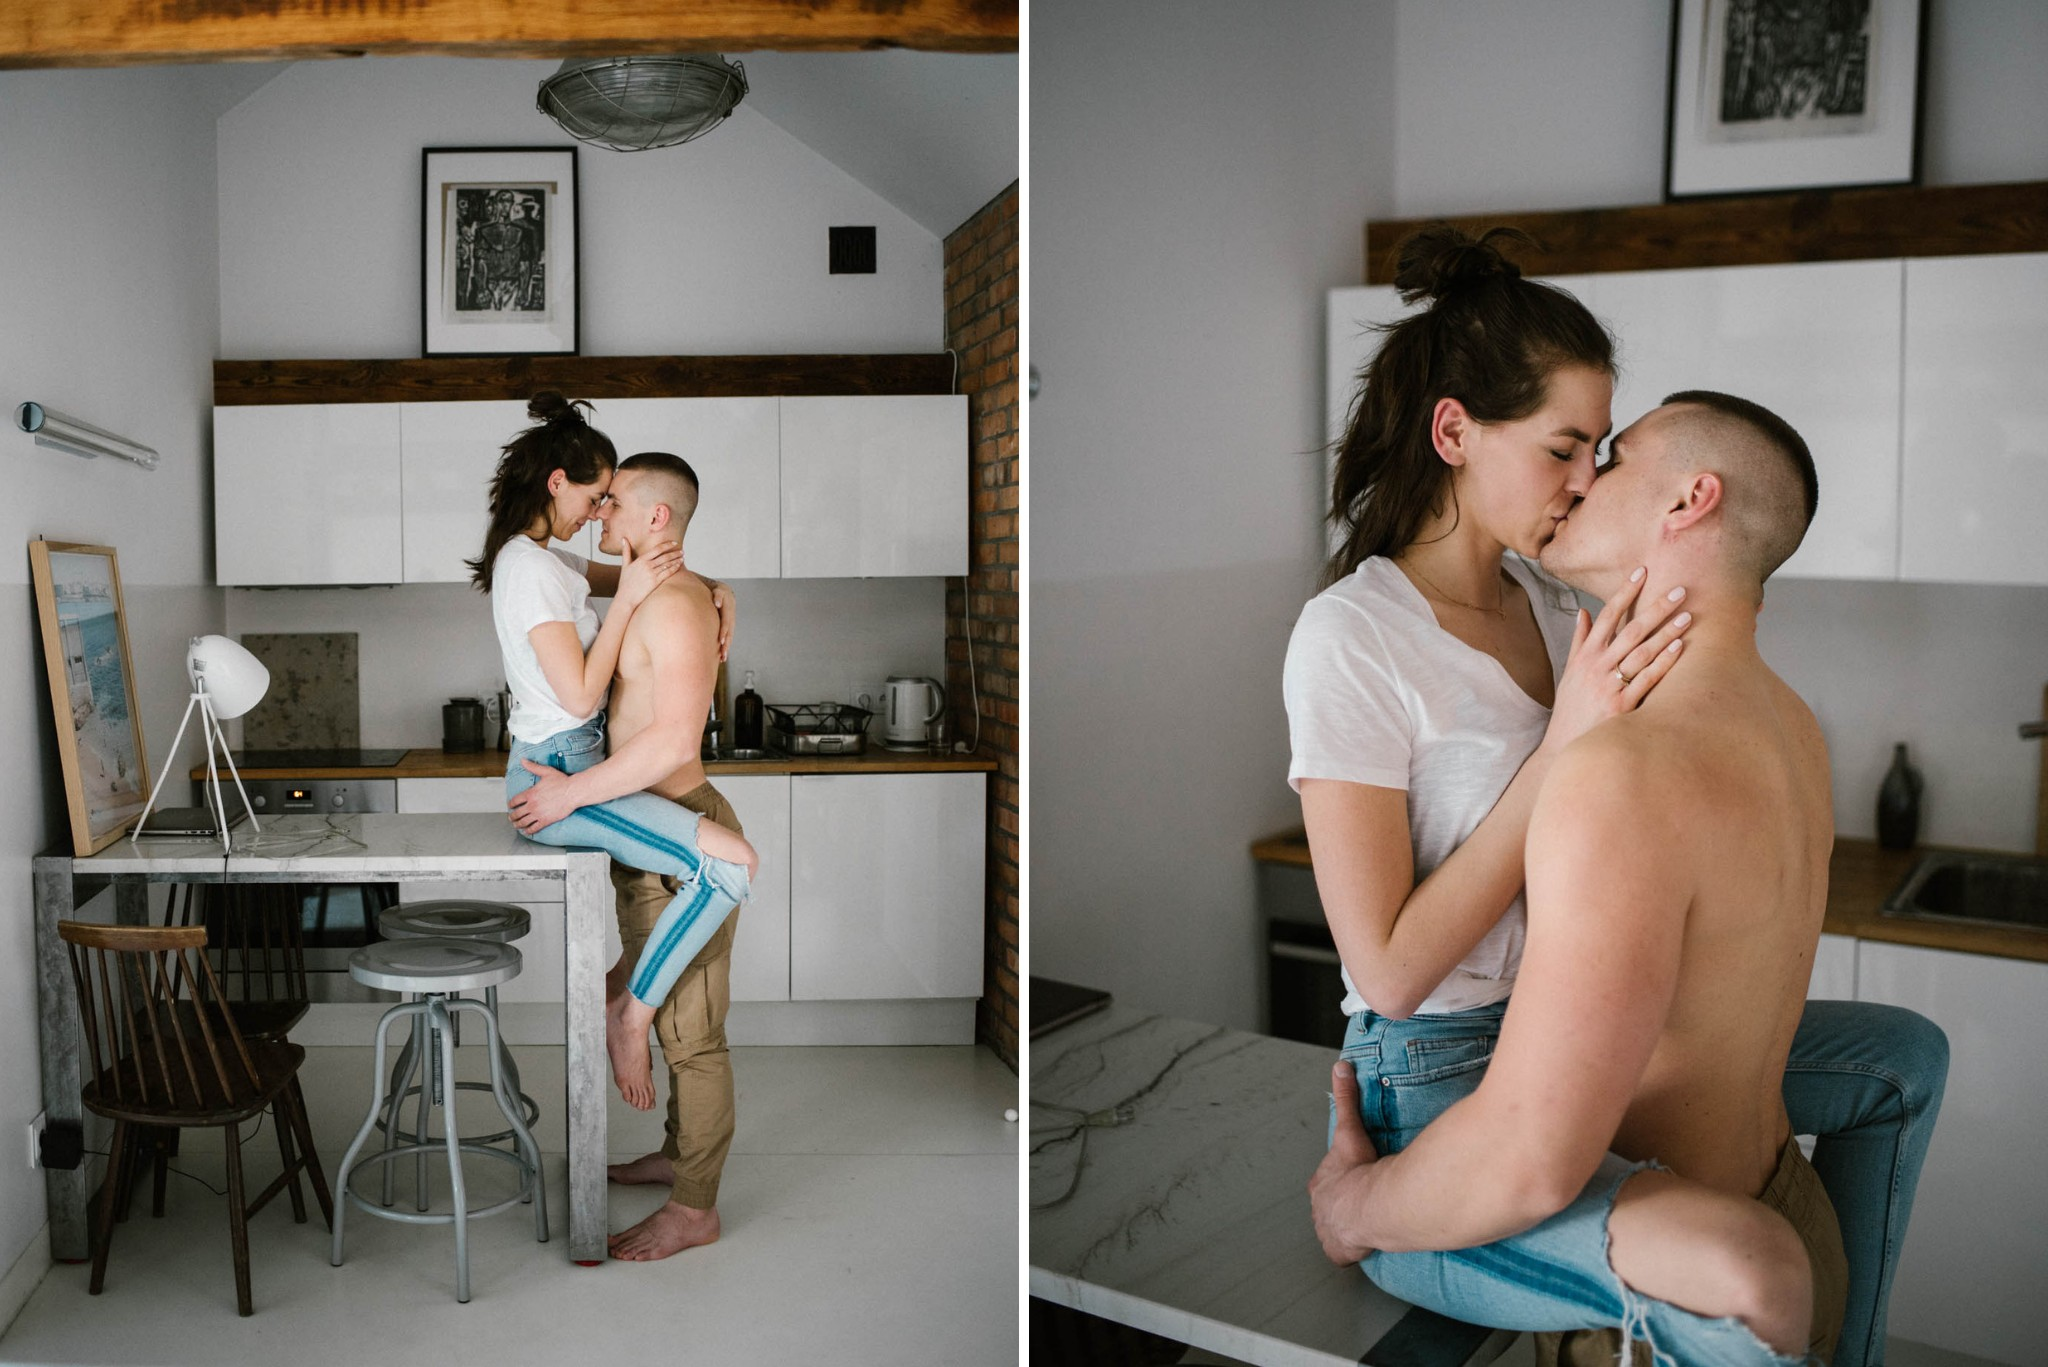 Dziewczyna siedzi na blacie w kuchni, mężczyzna ją całuje - sesja miłosna w domu w Poznaniu